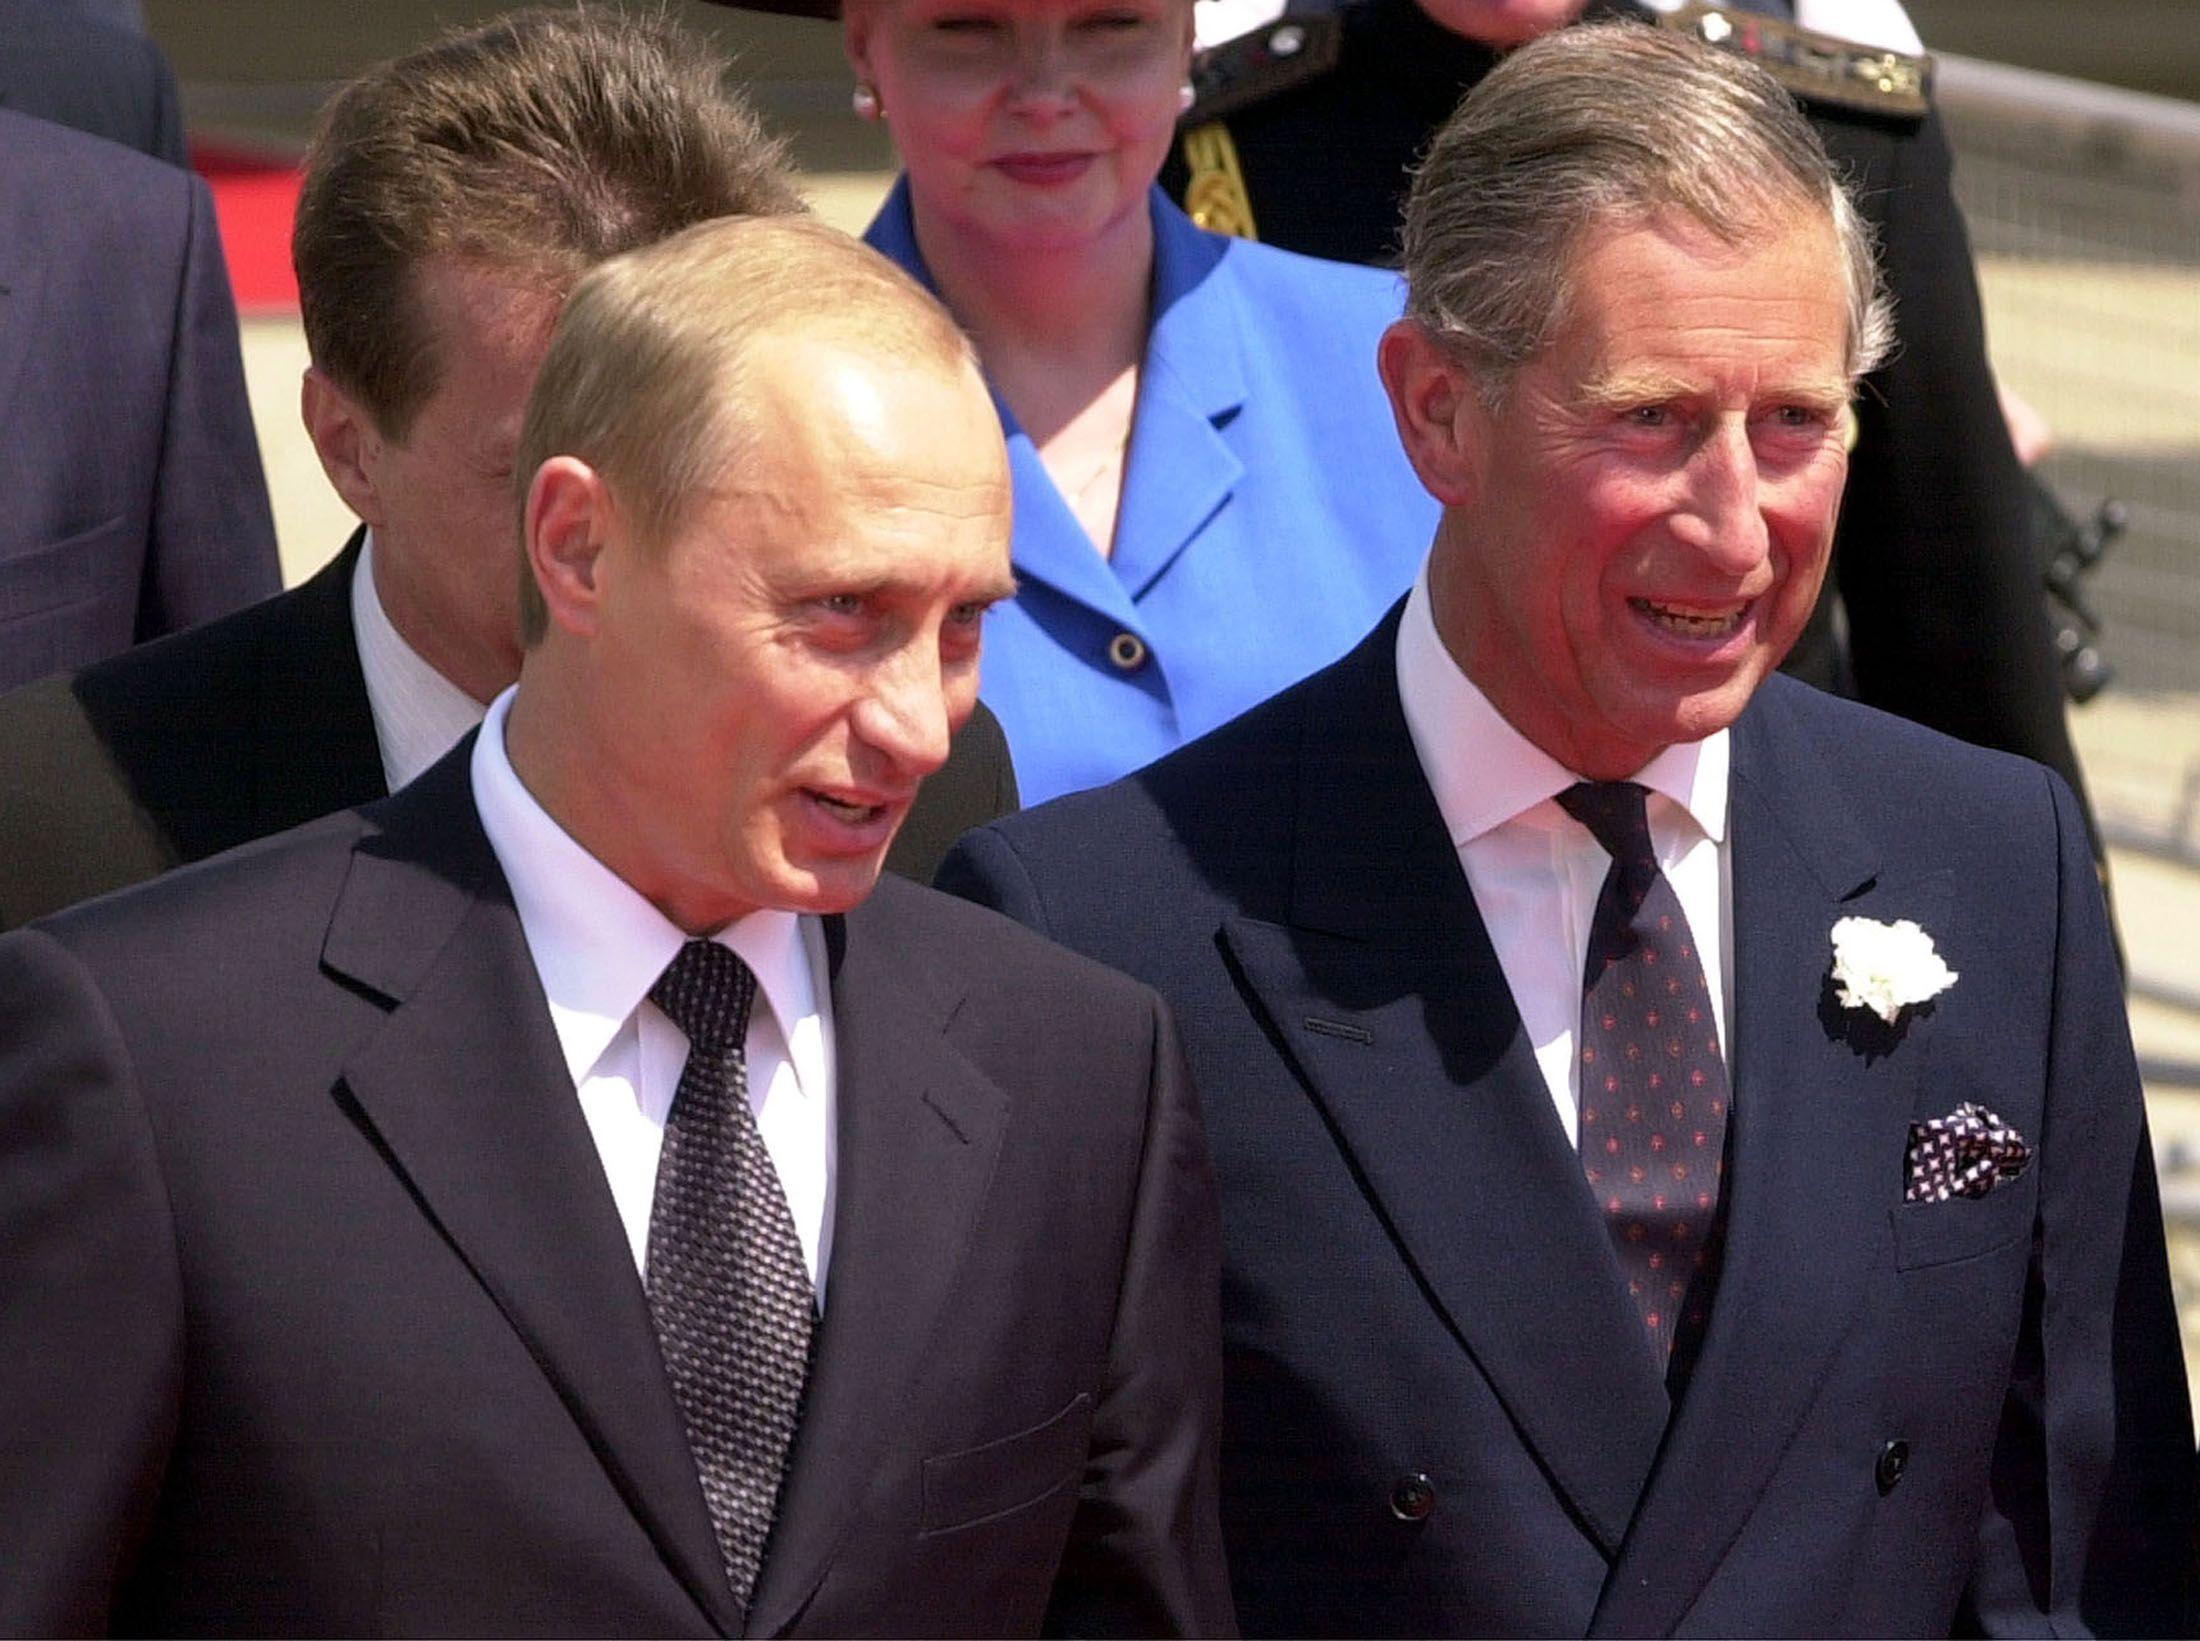 Putin and Prince Charles